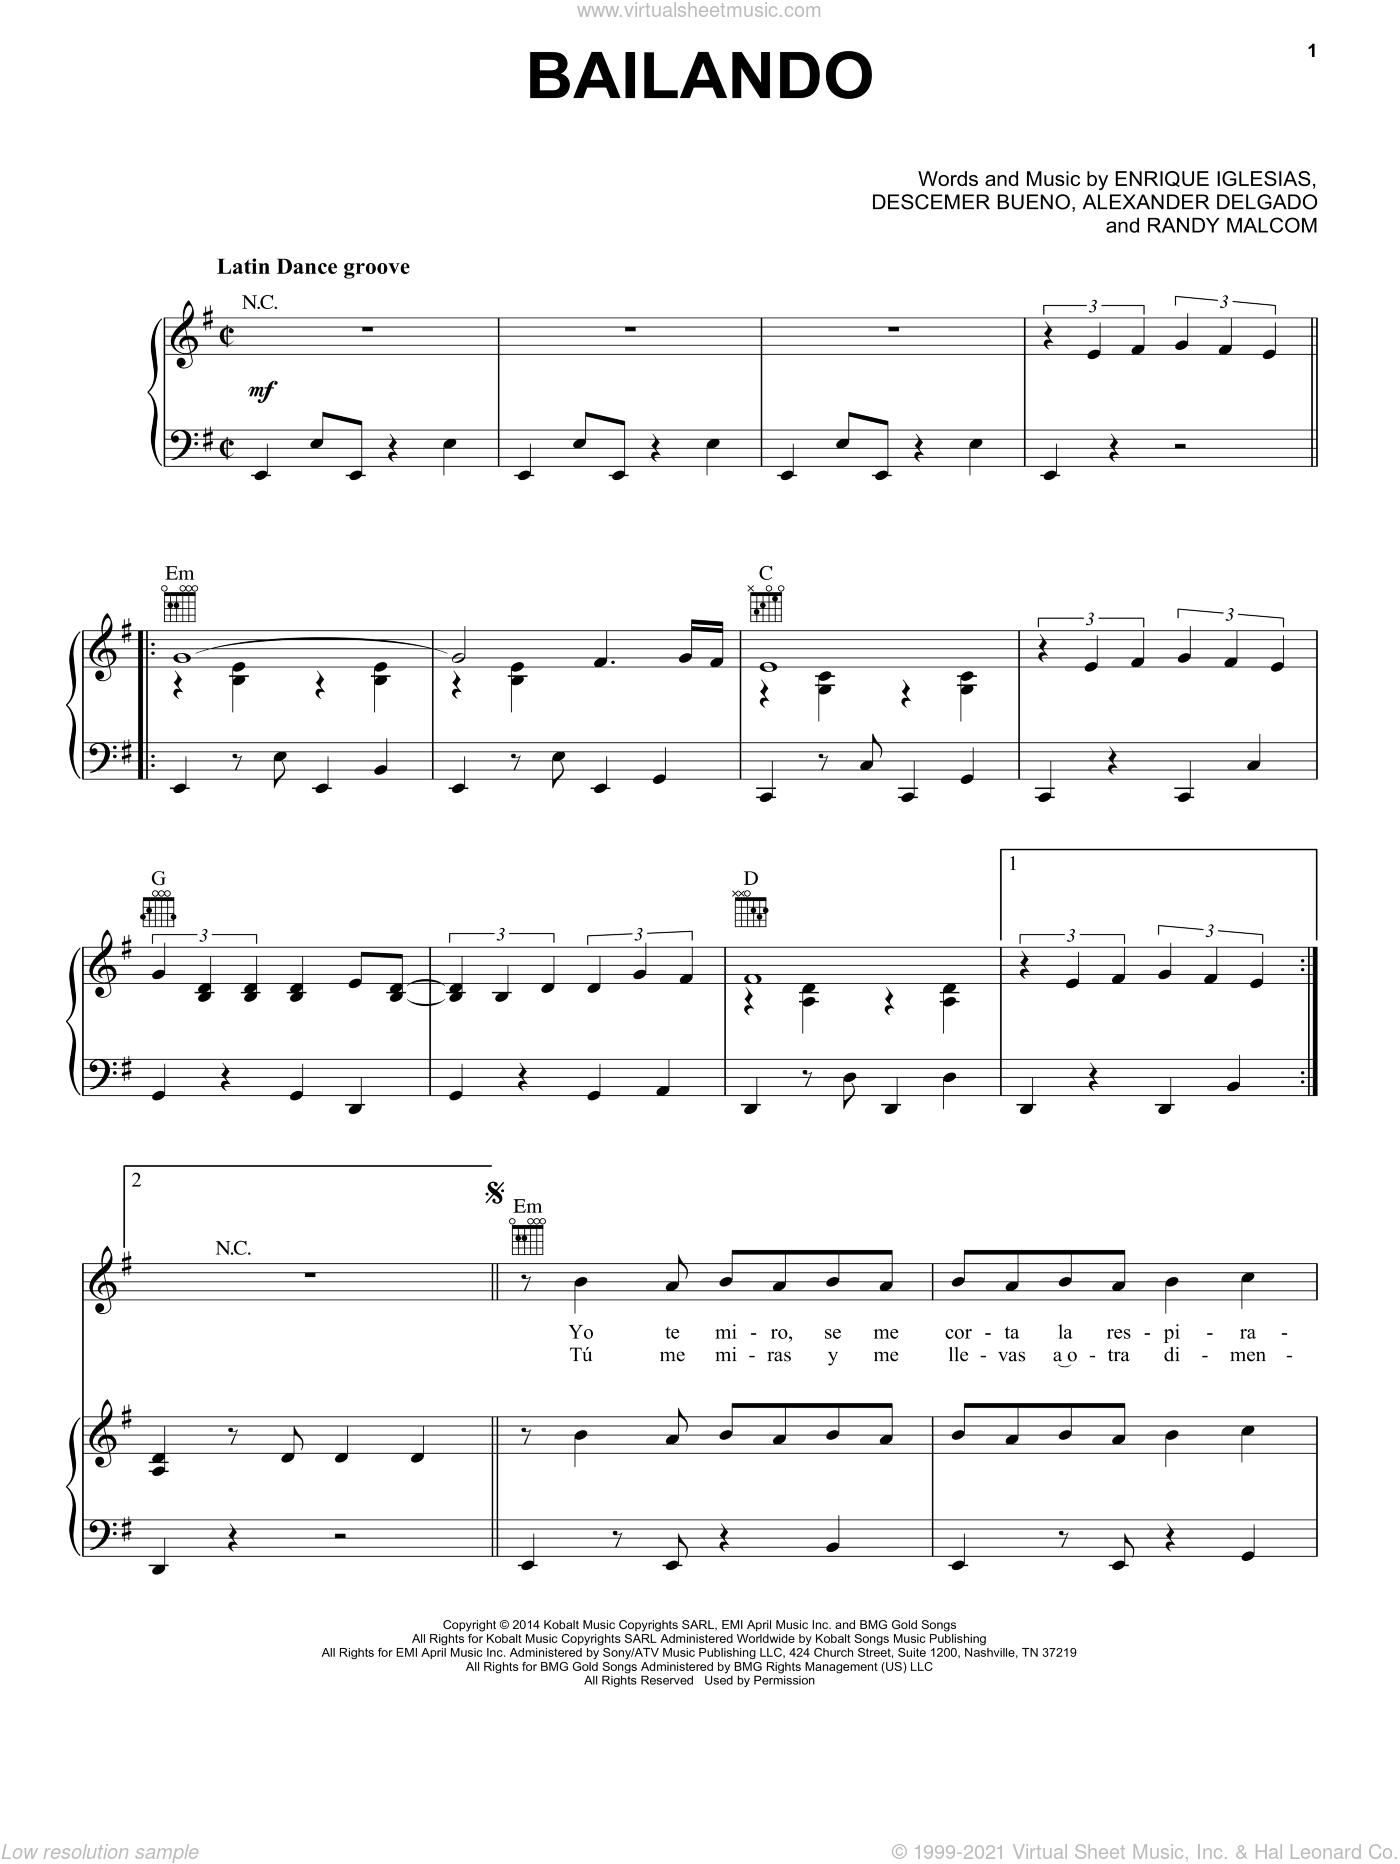 Bailando sheet music for voice, piano or guitar by Enrique Iglesias Featuring Descemer Bueno and Gente de Zona, Alexander Delgado, Descemer Bueno, Enrique Iglesias and Randy Malcom Martinez, intermediate skill level